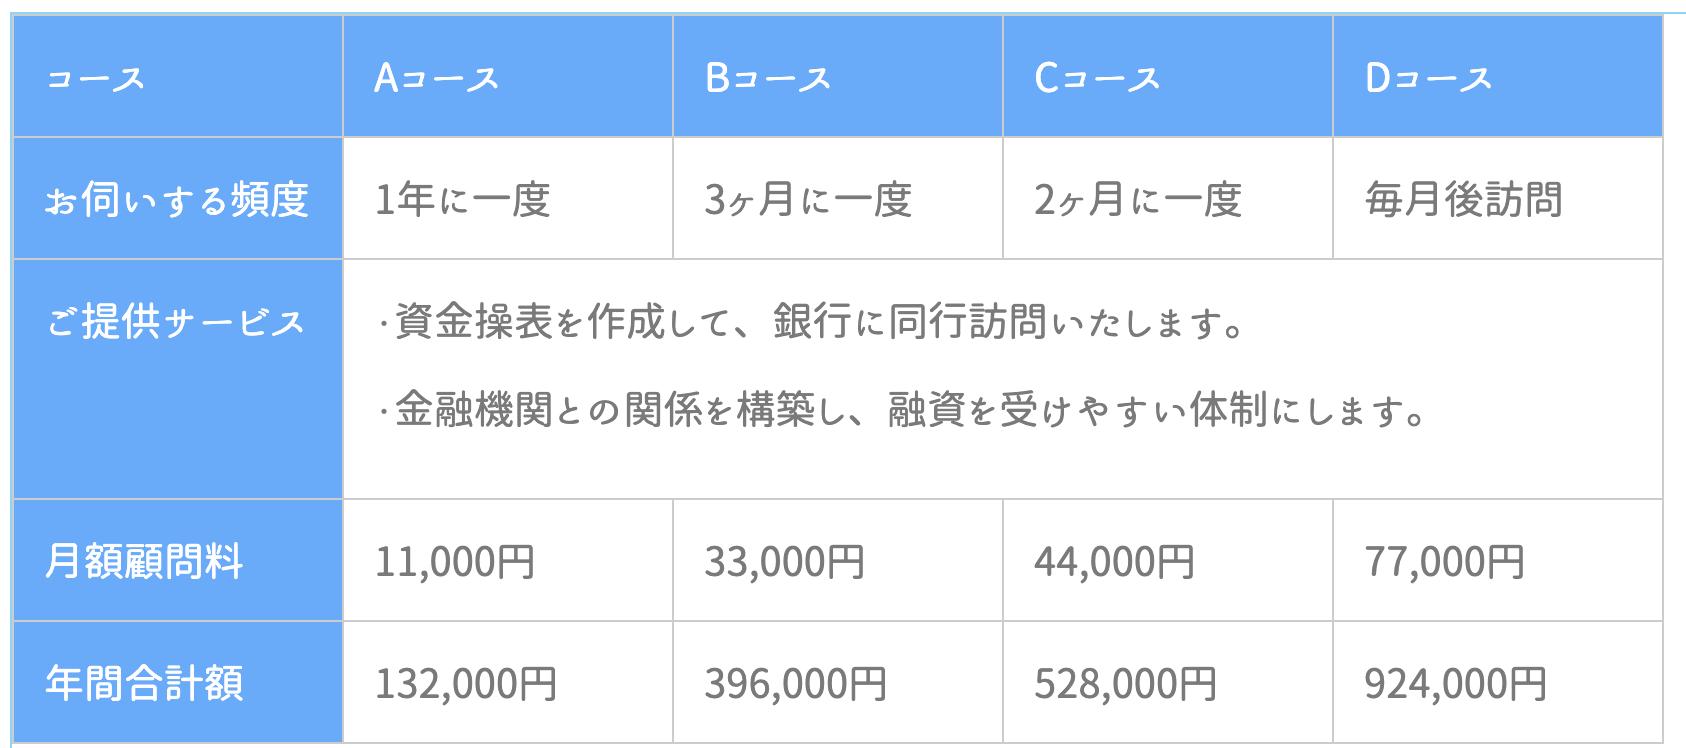 スクリーンショット 2021 06 01 12.33.28 - 料金プラン